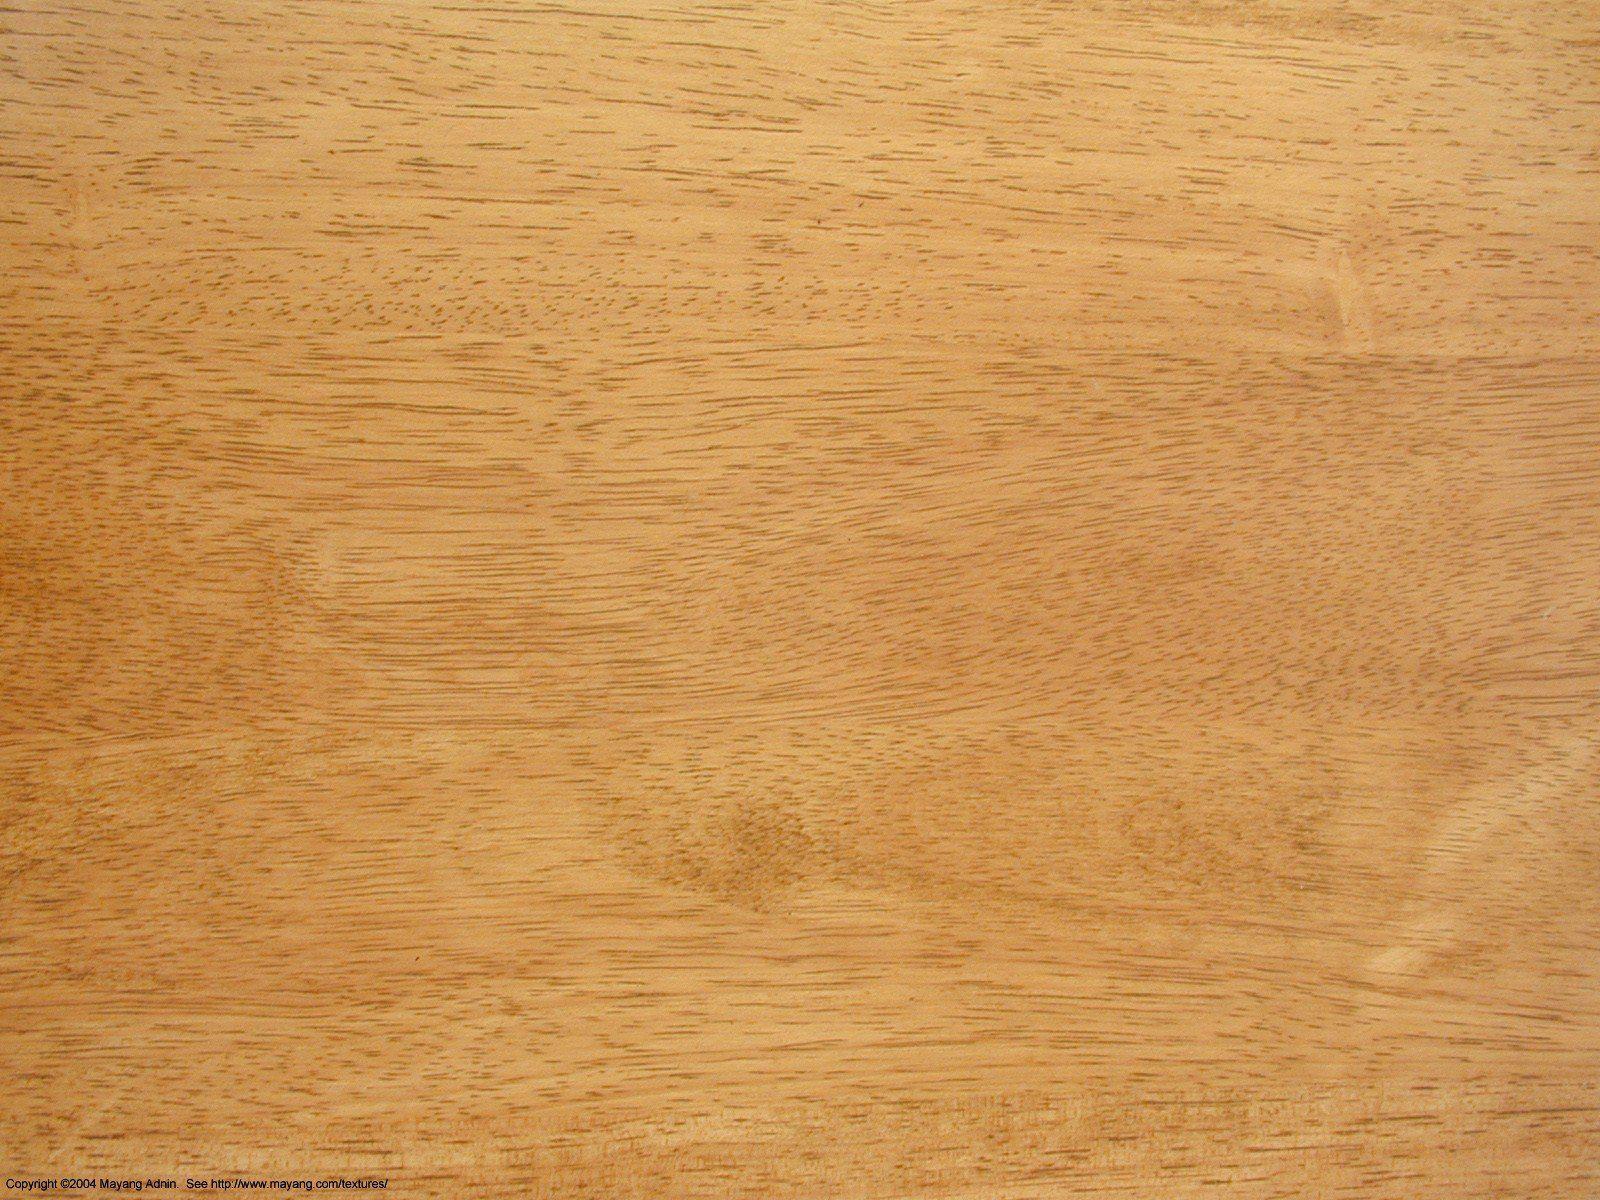 Hd Light Wood Textures High Resolution Wallpaper Download Free 145044 Light Wood Texture Wood Texture Wood